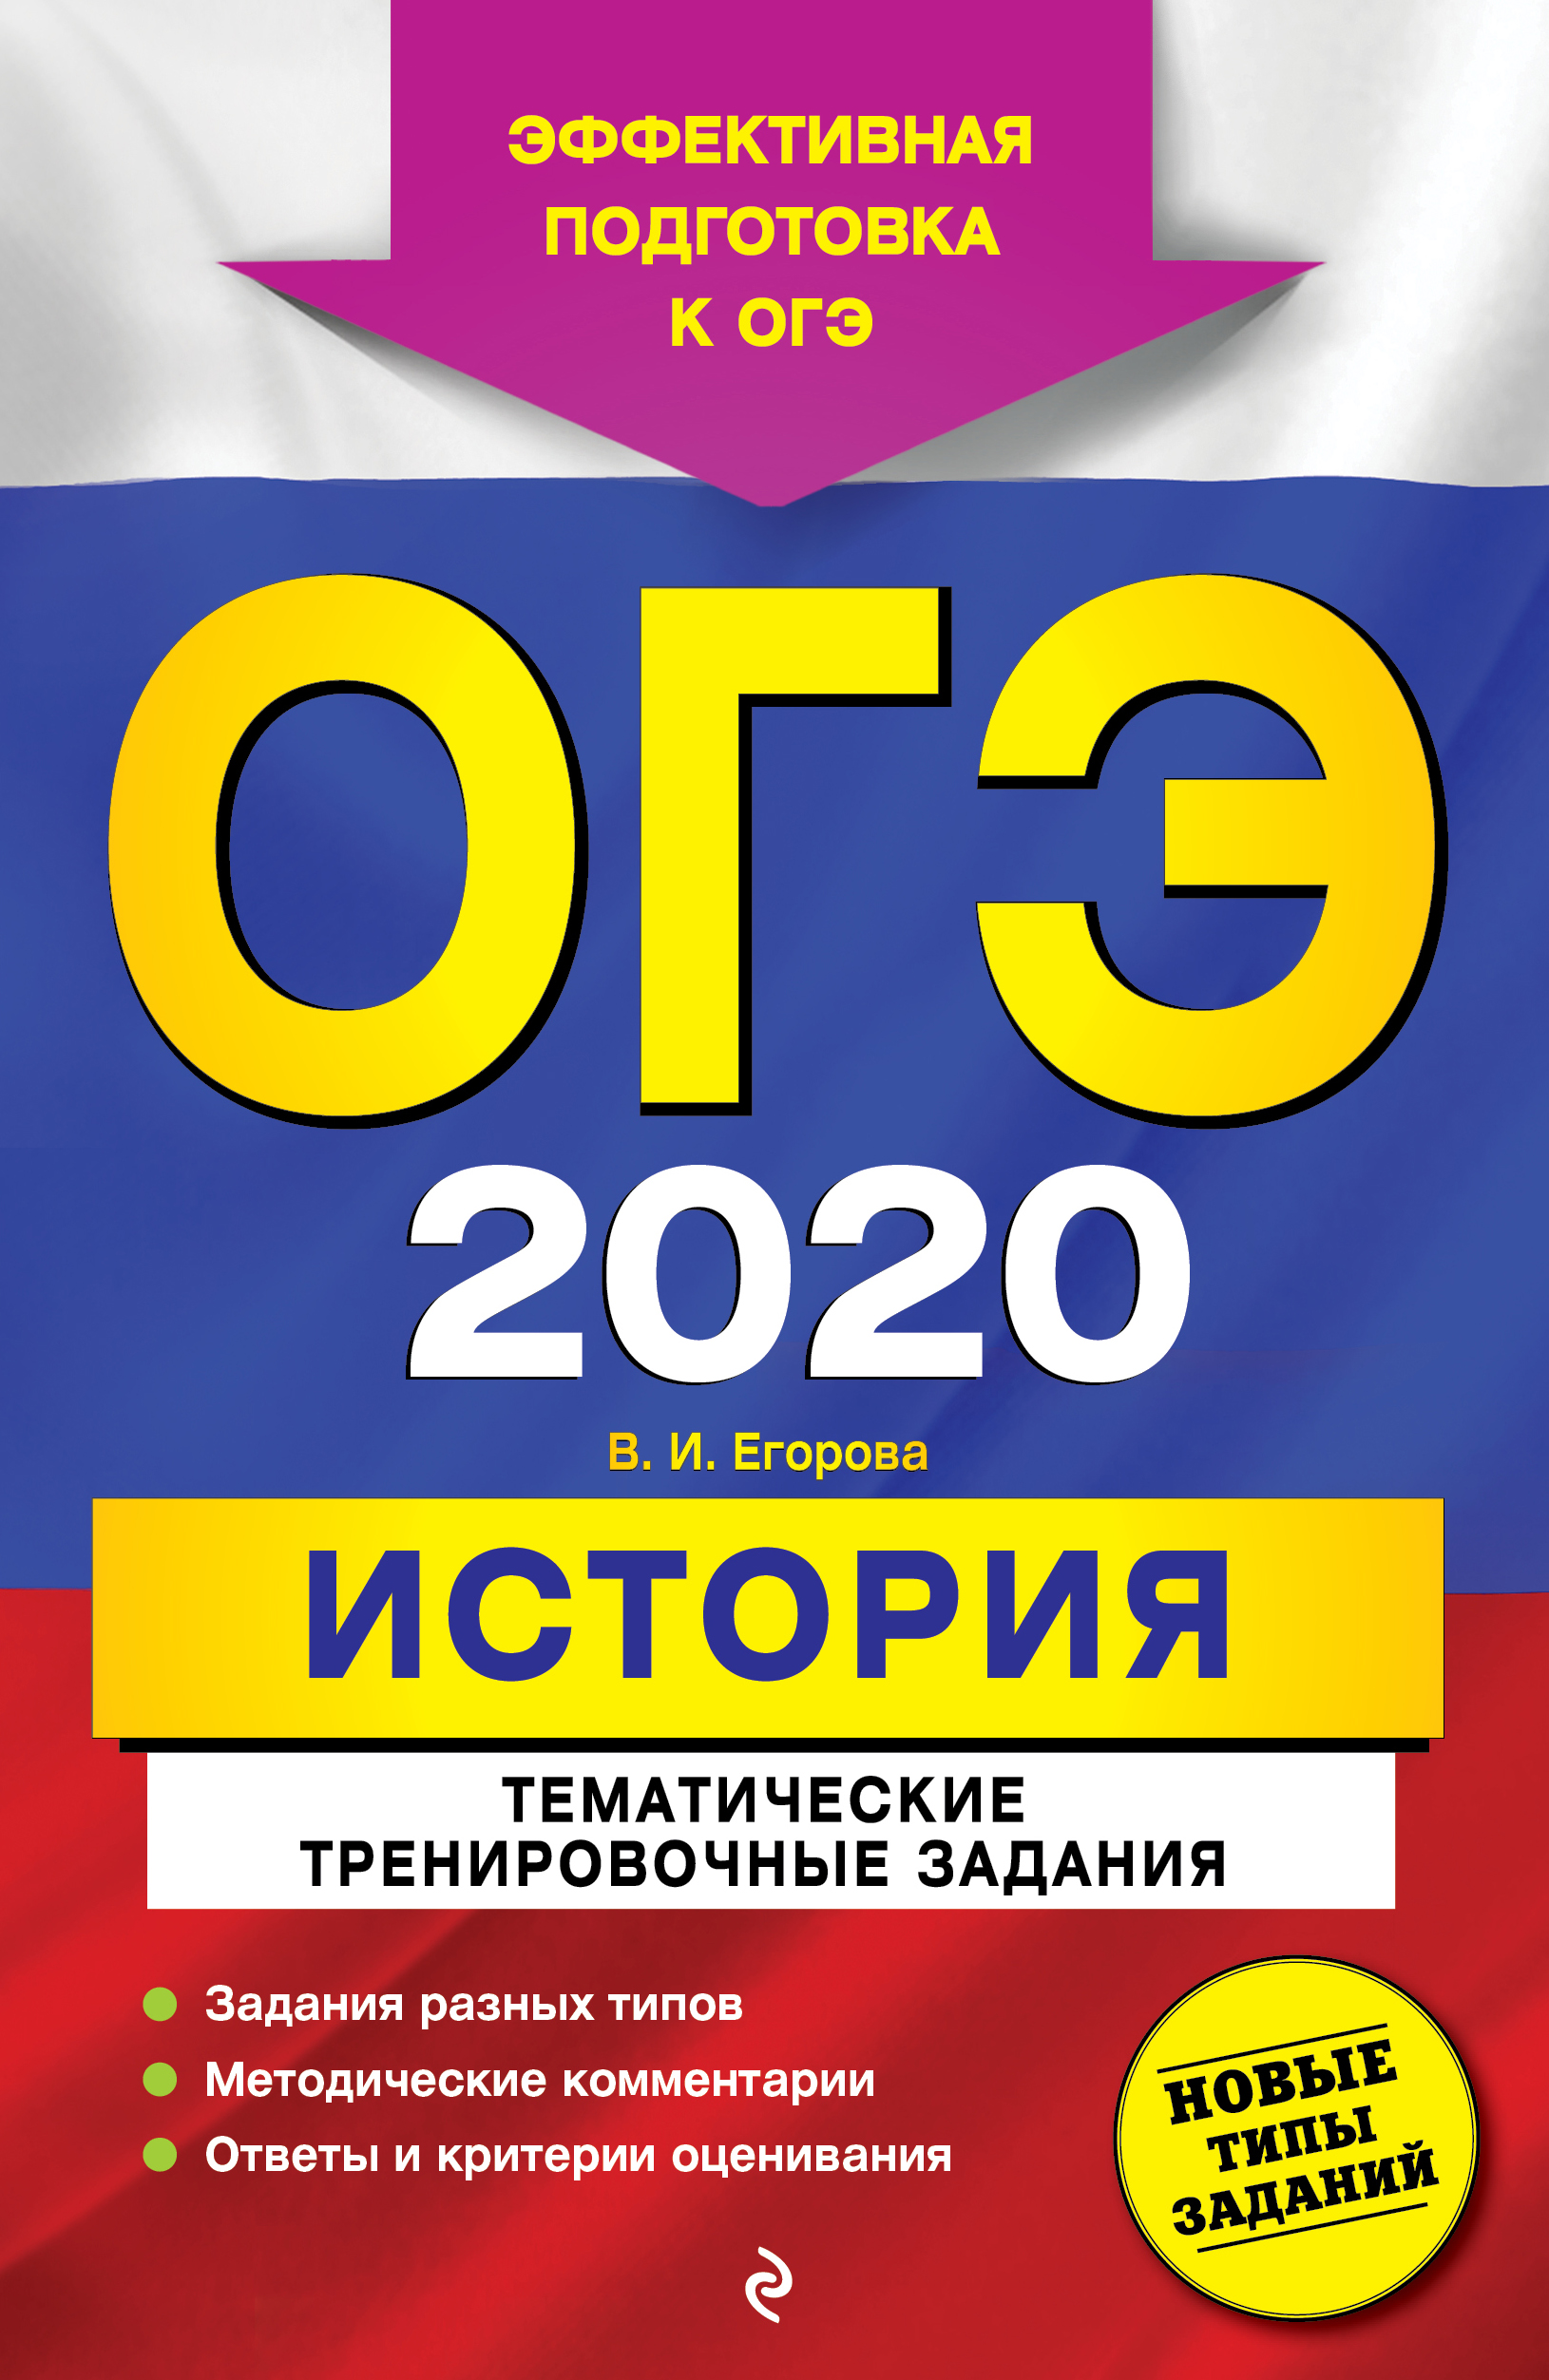 OGE-2020. Istorija. Tematicheskie trenirovochnye zadanija